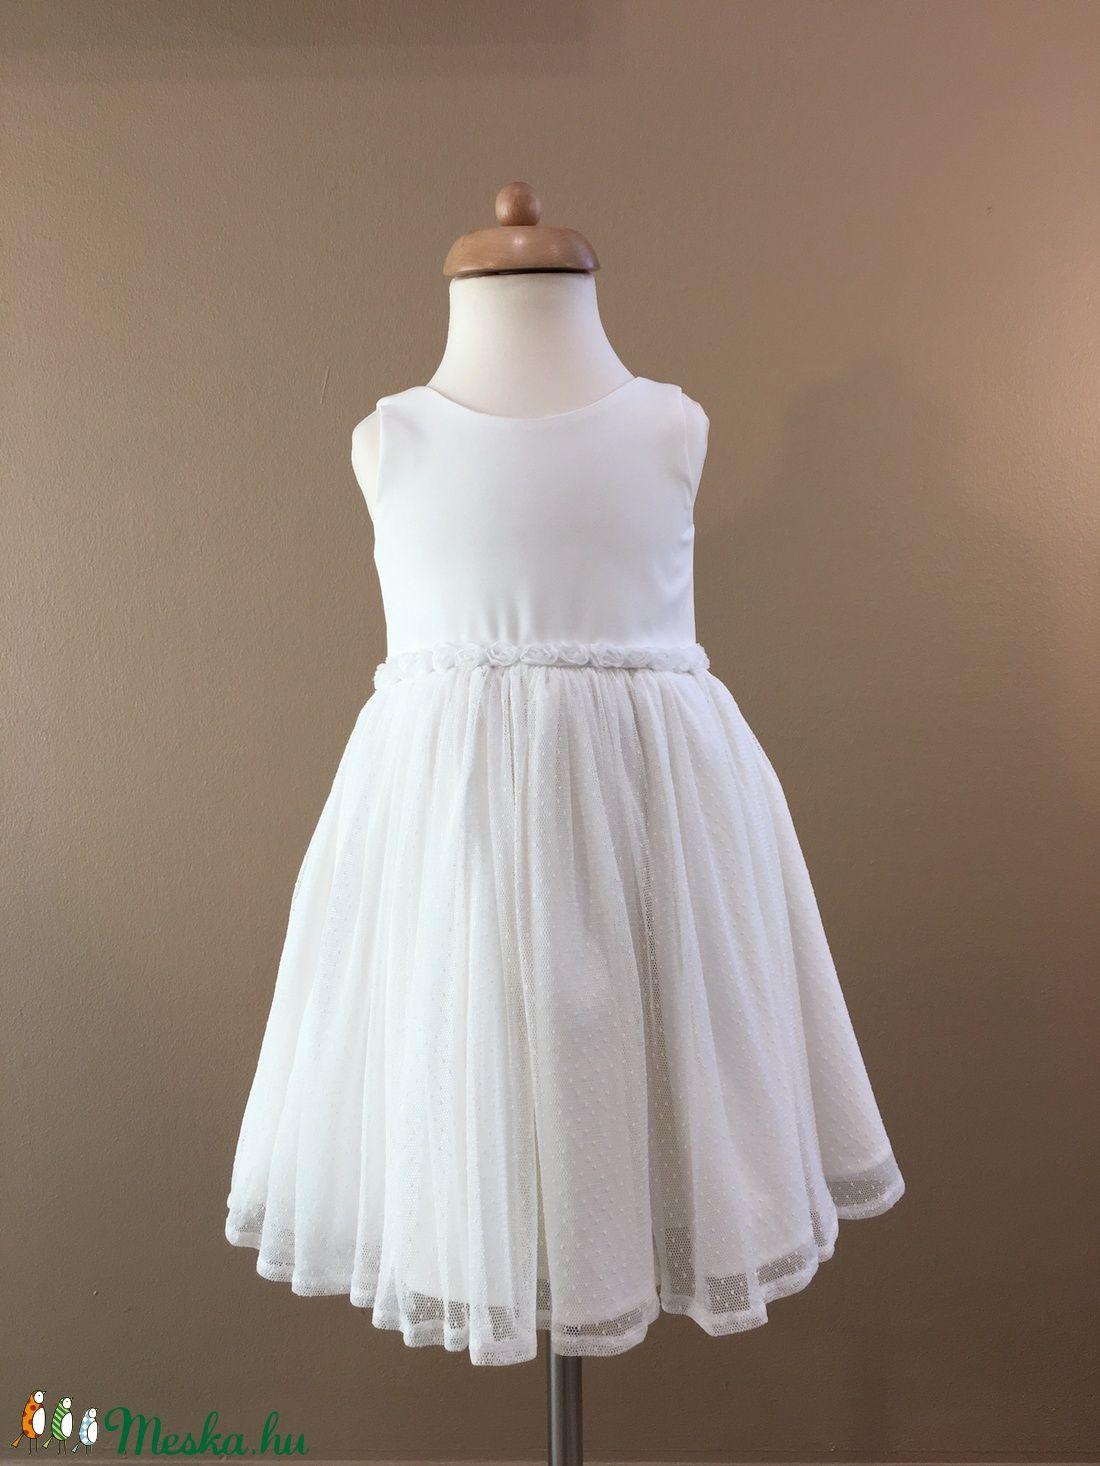 Photo of gyerek alkalmi ruha – Google-keresés